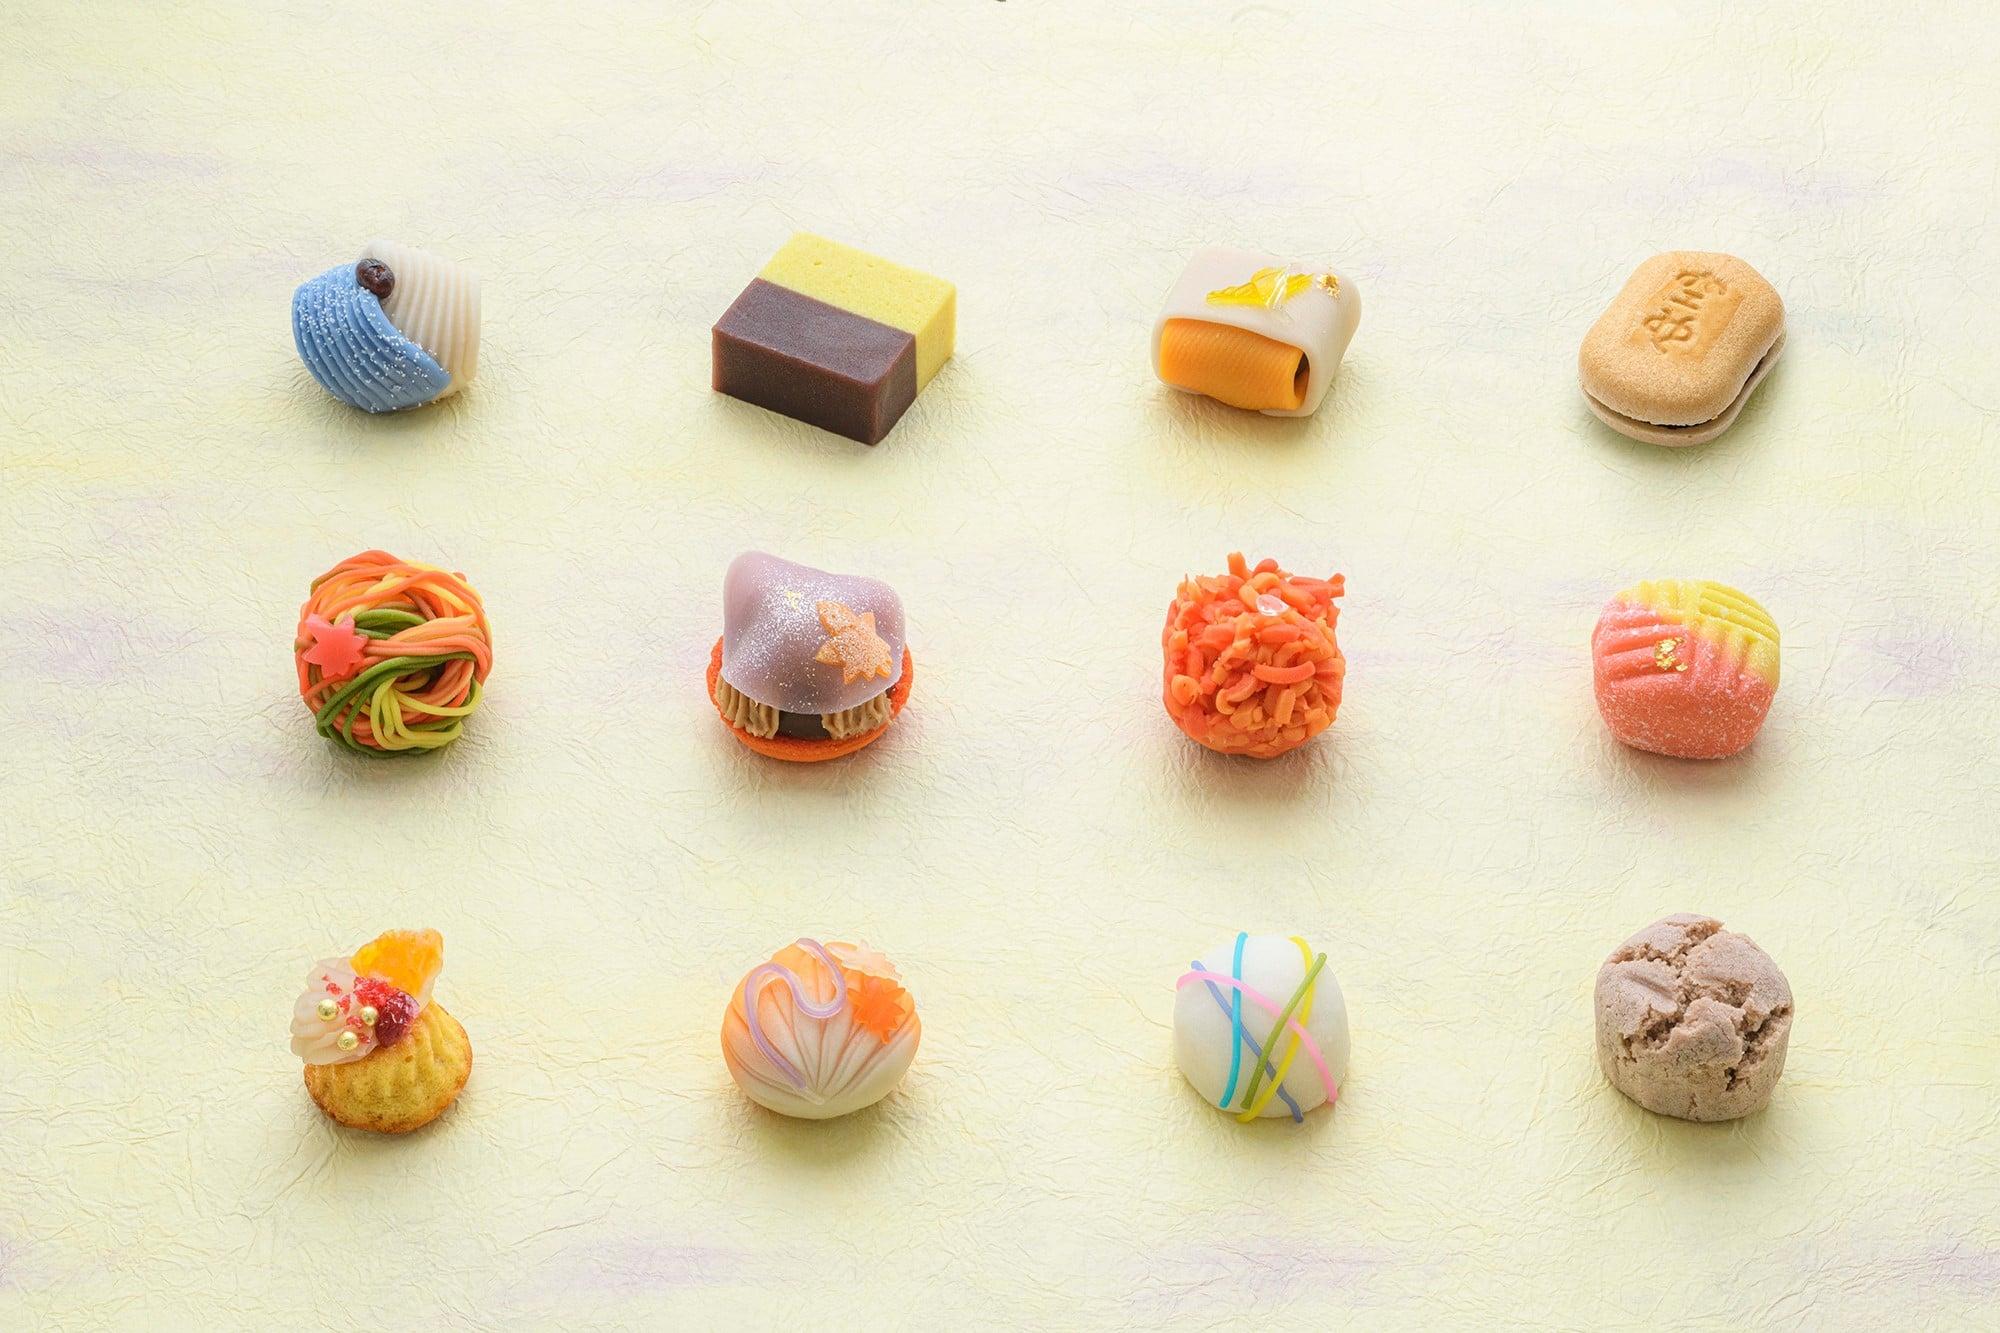 銀座の名店が銀茶会のために用意したオリジナルお菓子、東北、熊本の被災地の銘菓が供される。